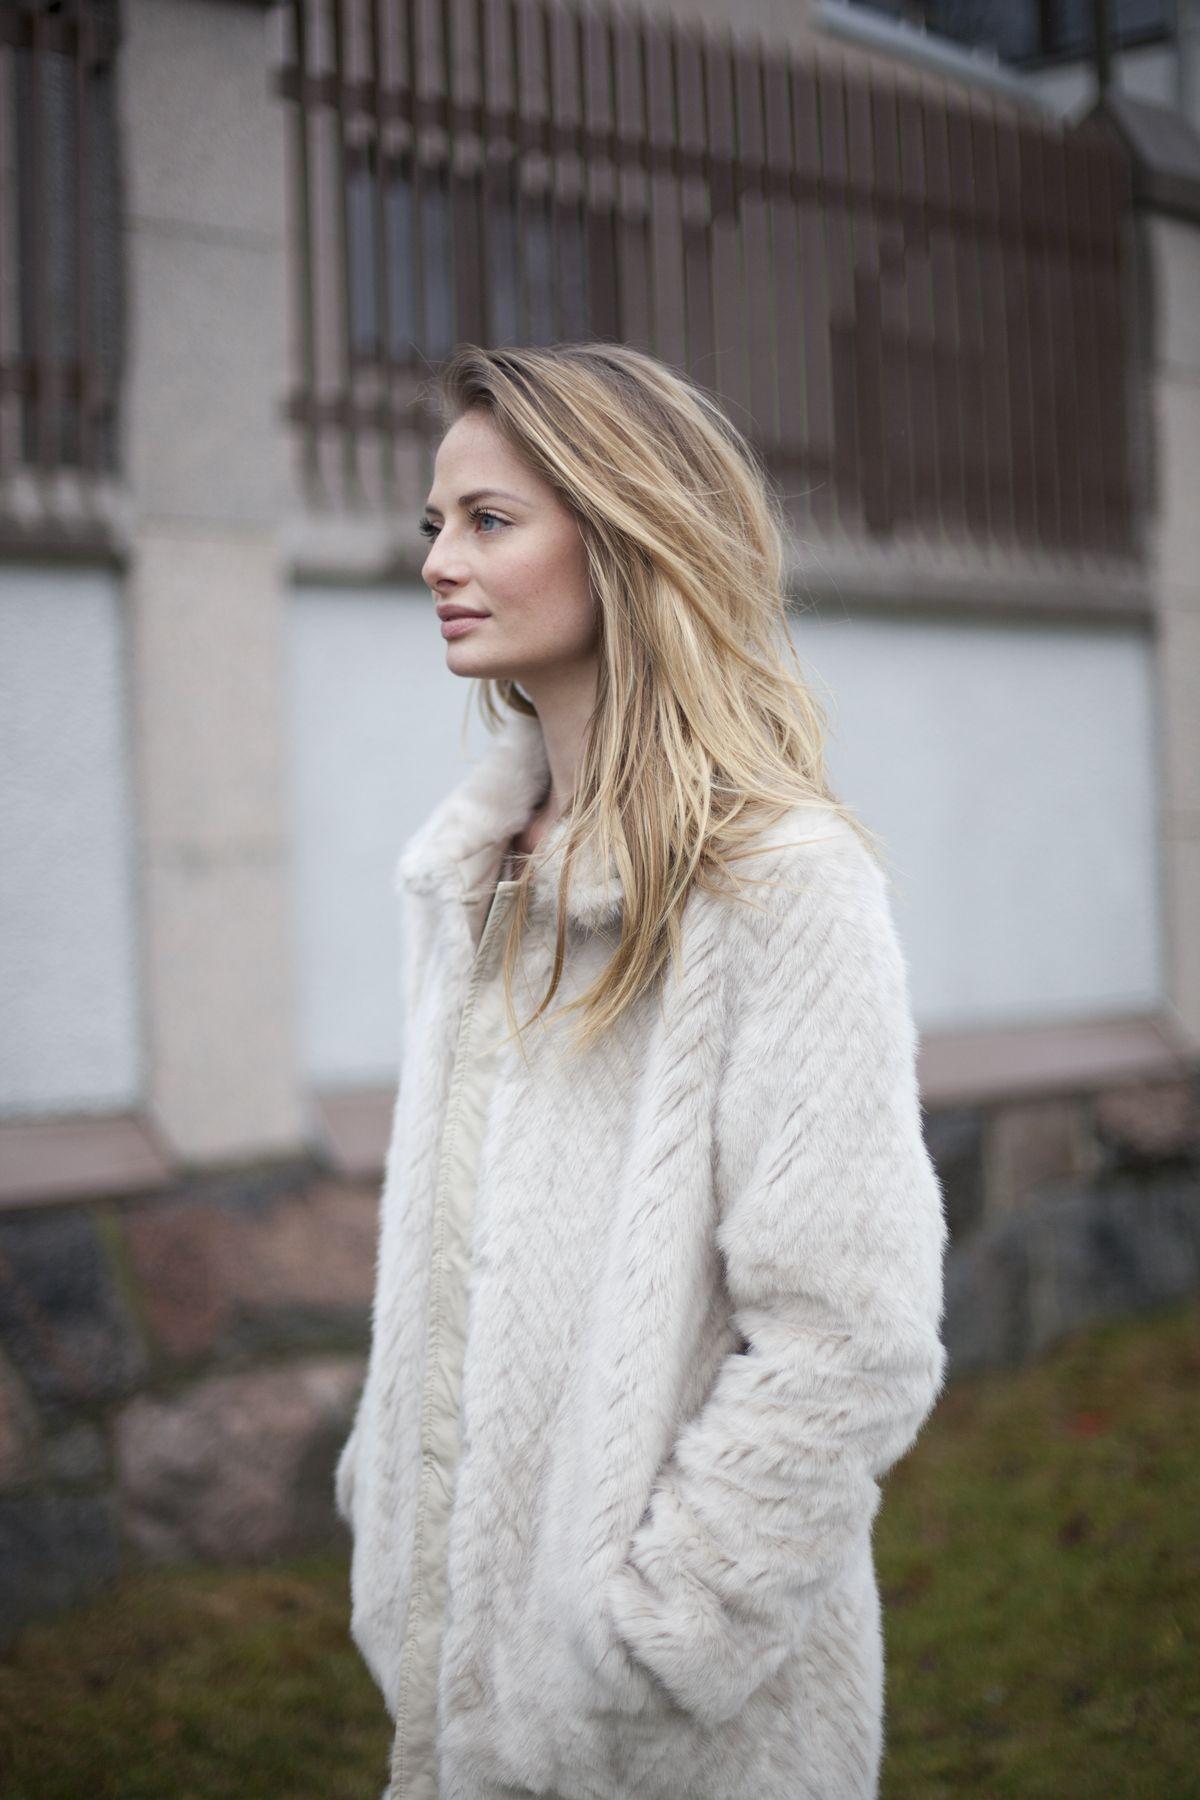 Sofia Ruutu